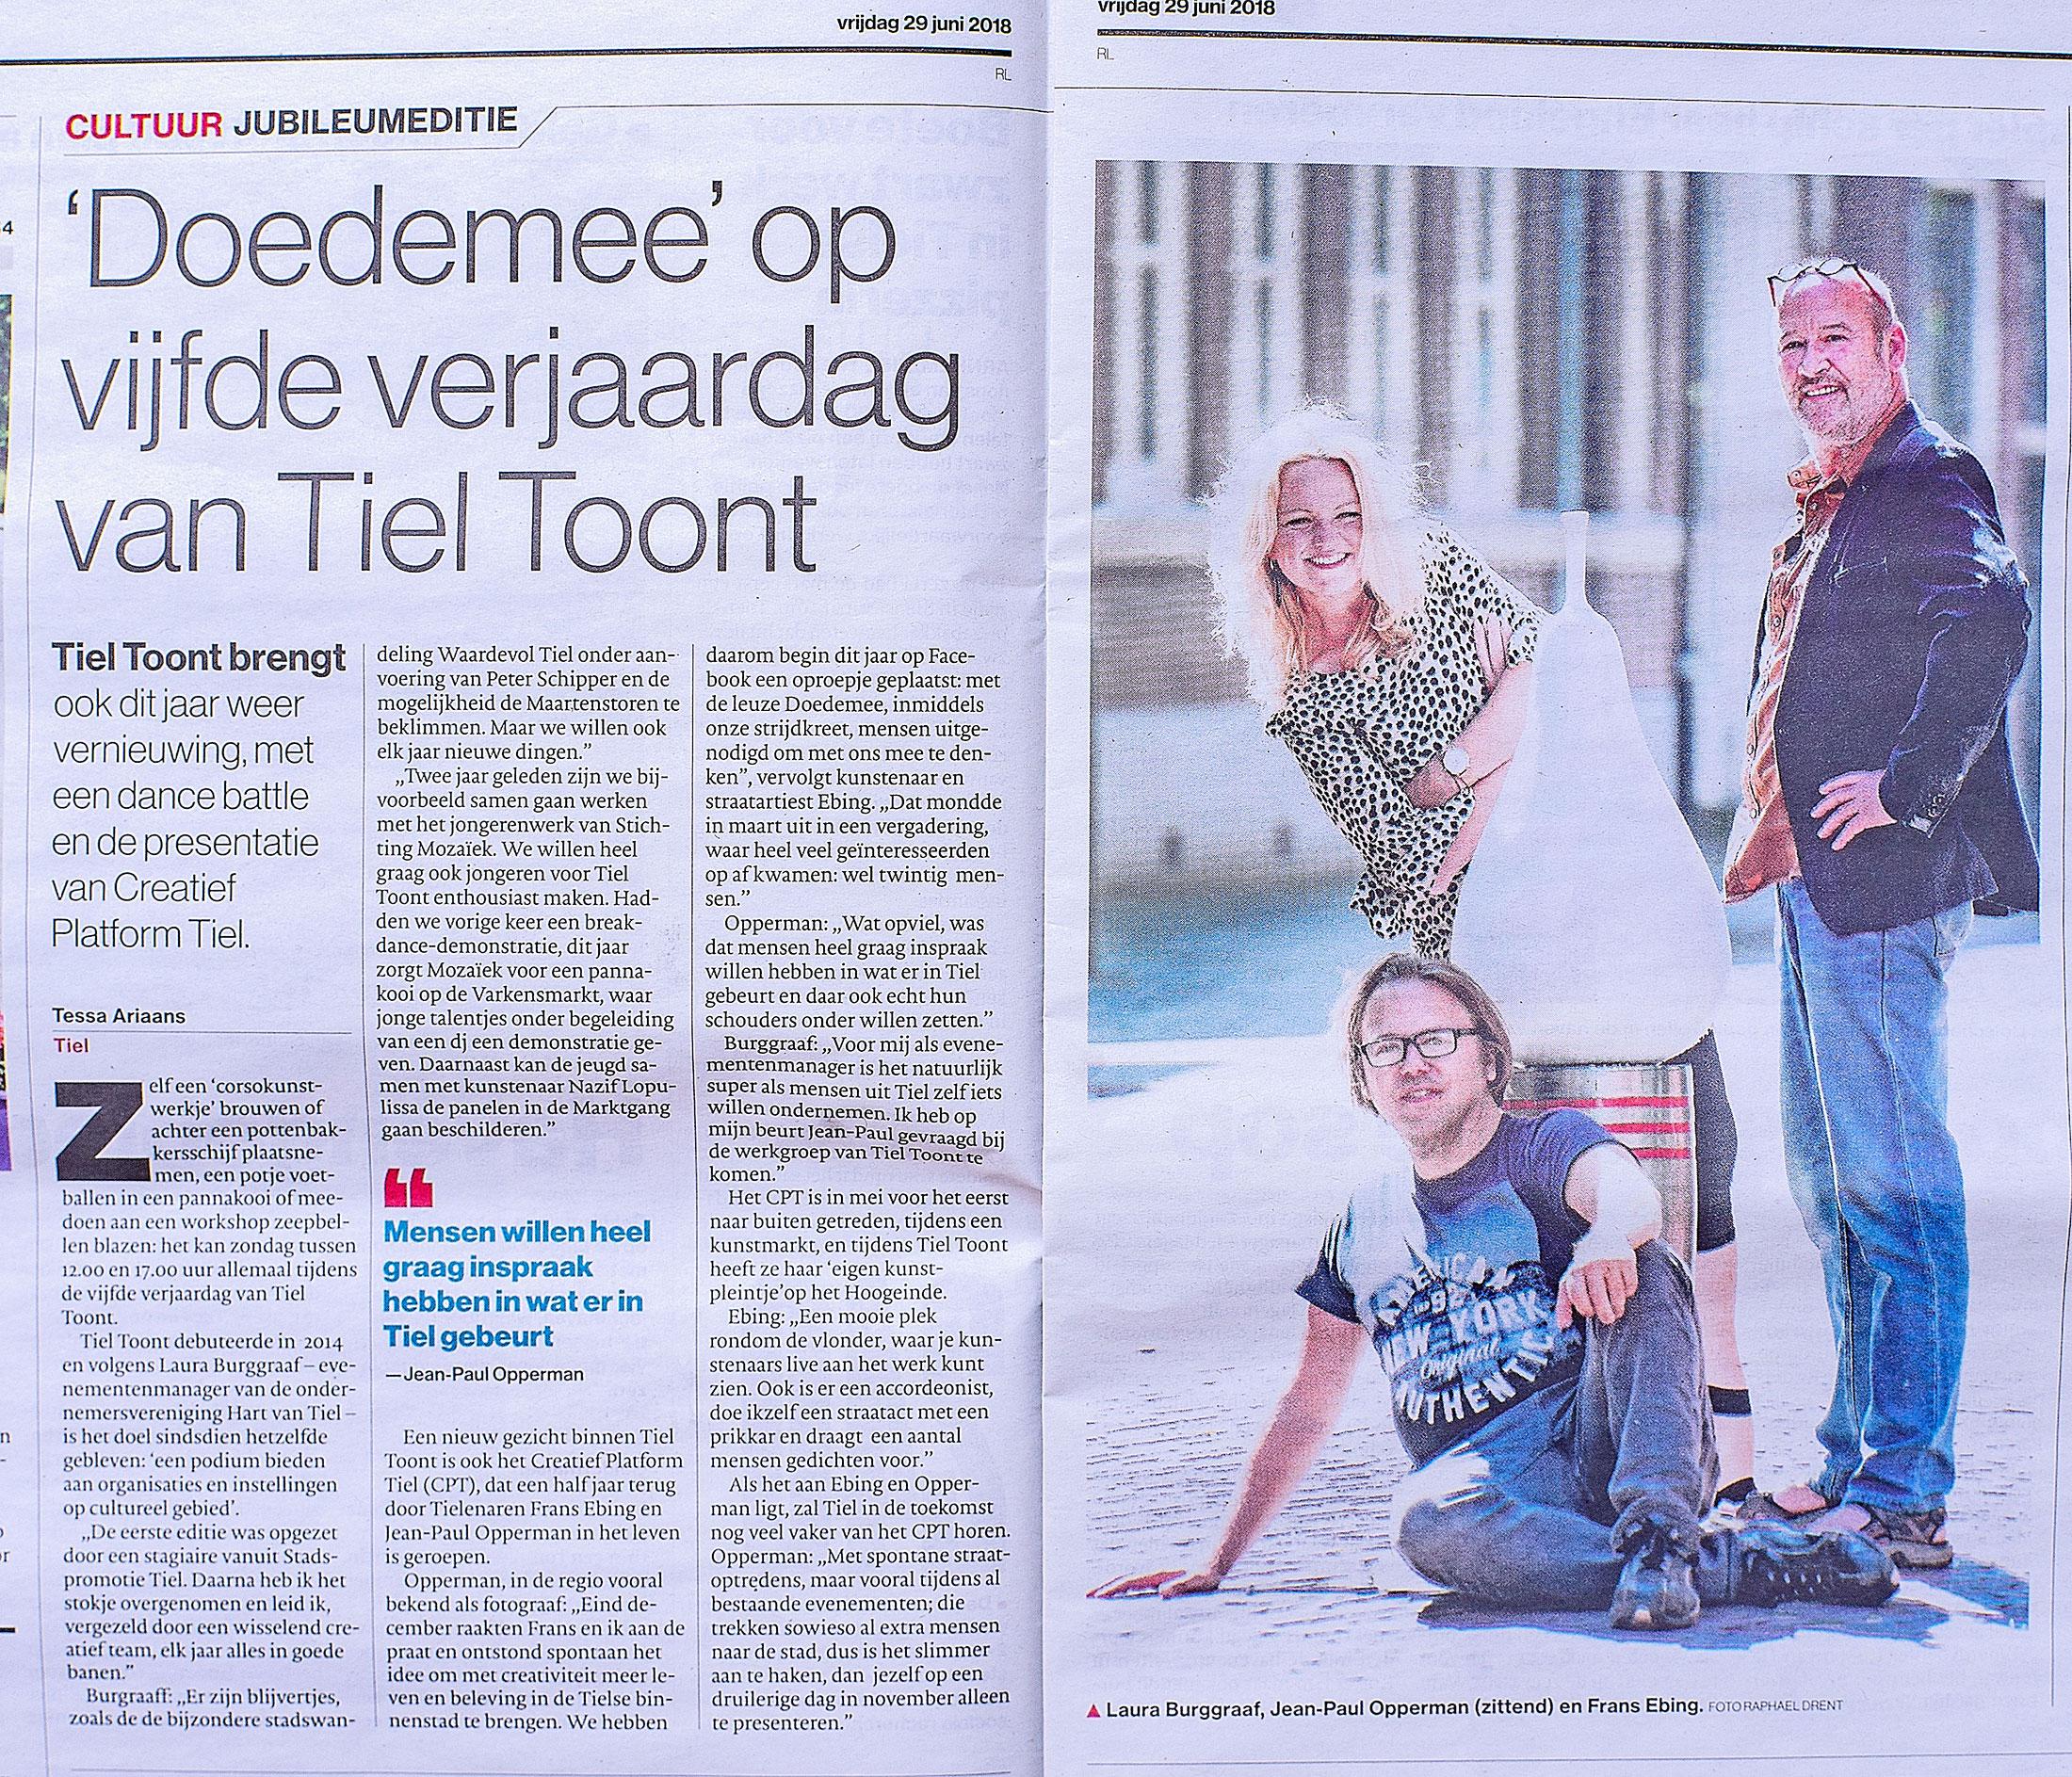 Creatief Platform Tiel en Tiel Toont in de Gelderlander.